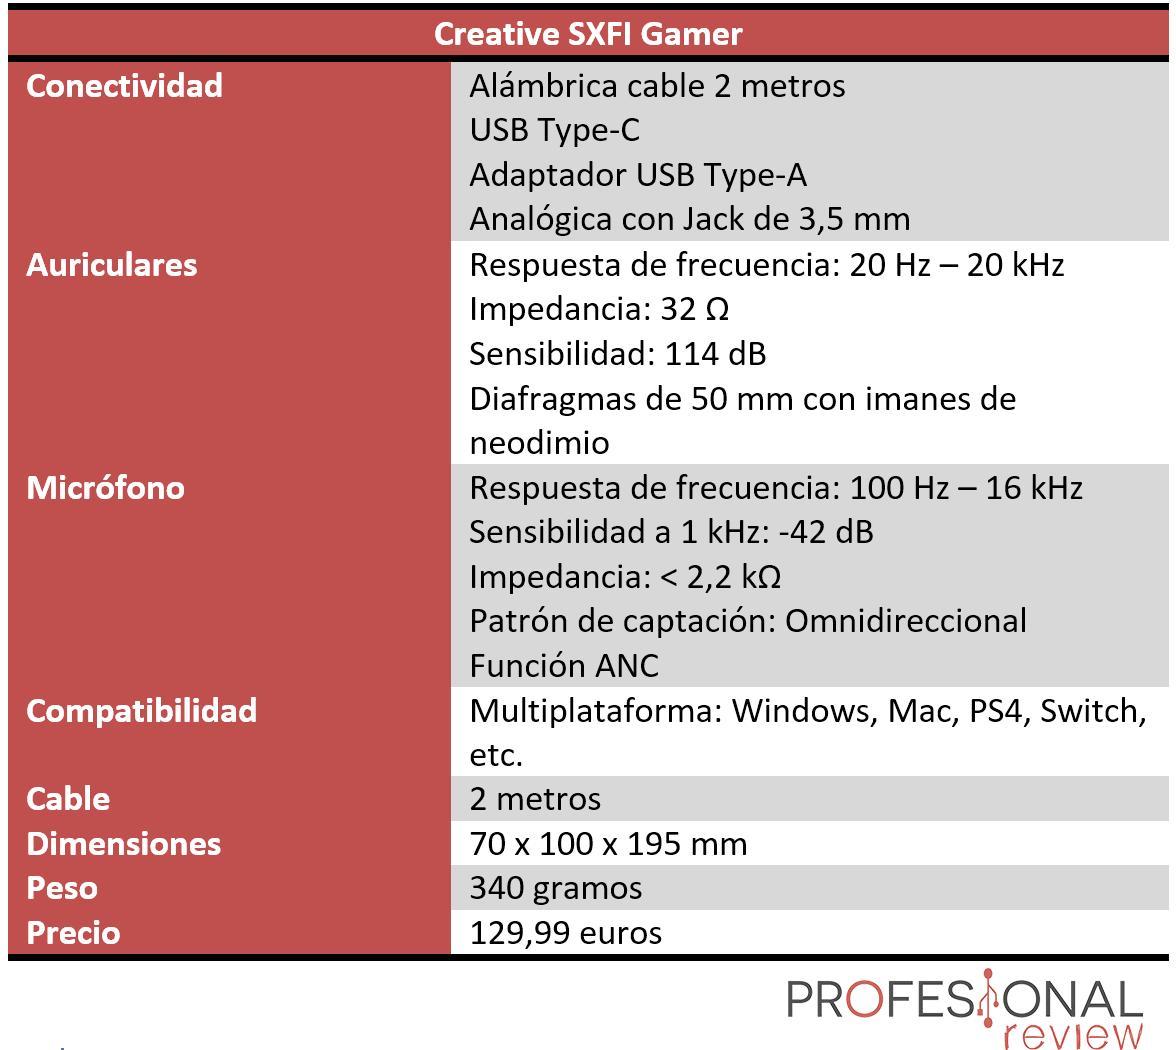 Creative SXFI Gamer Características